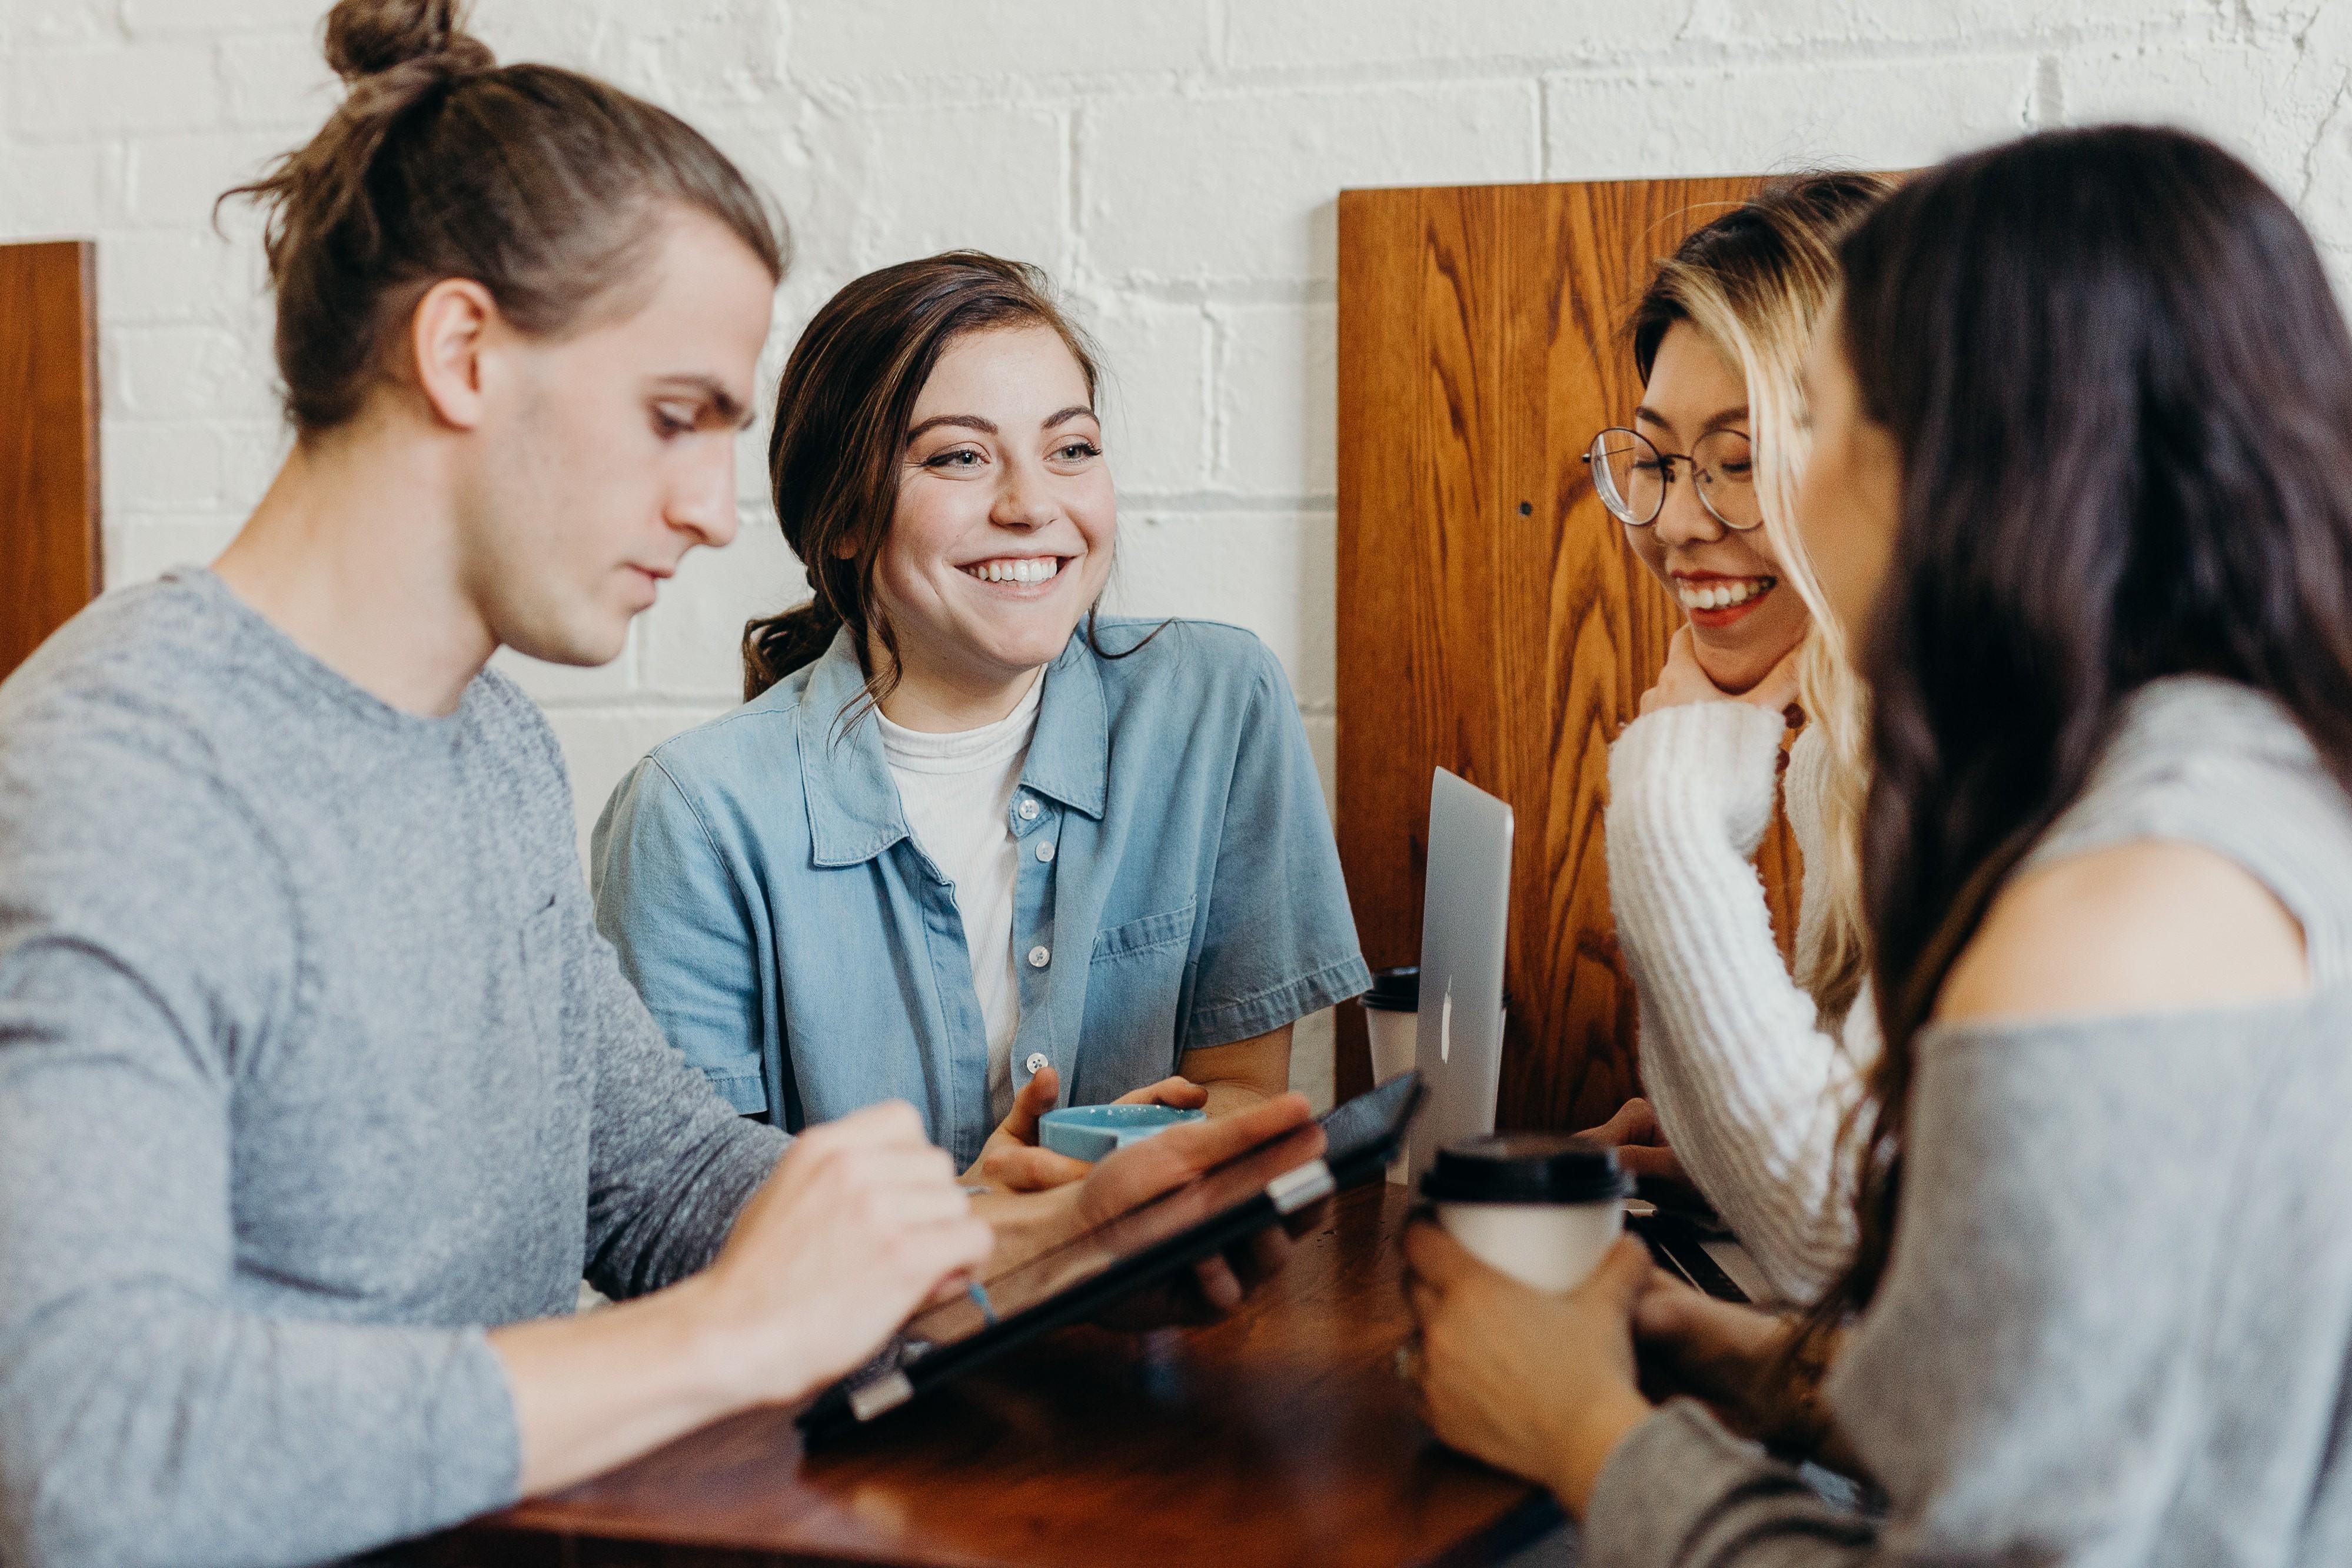 Focus group millennials